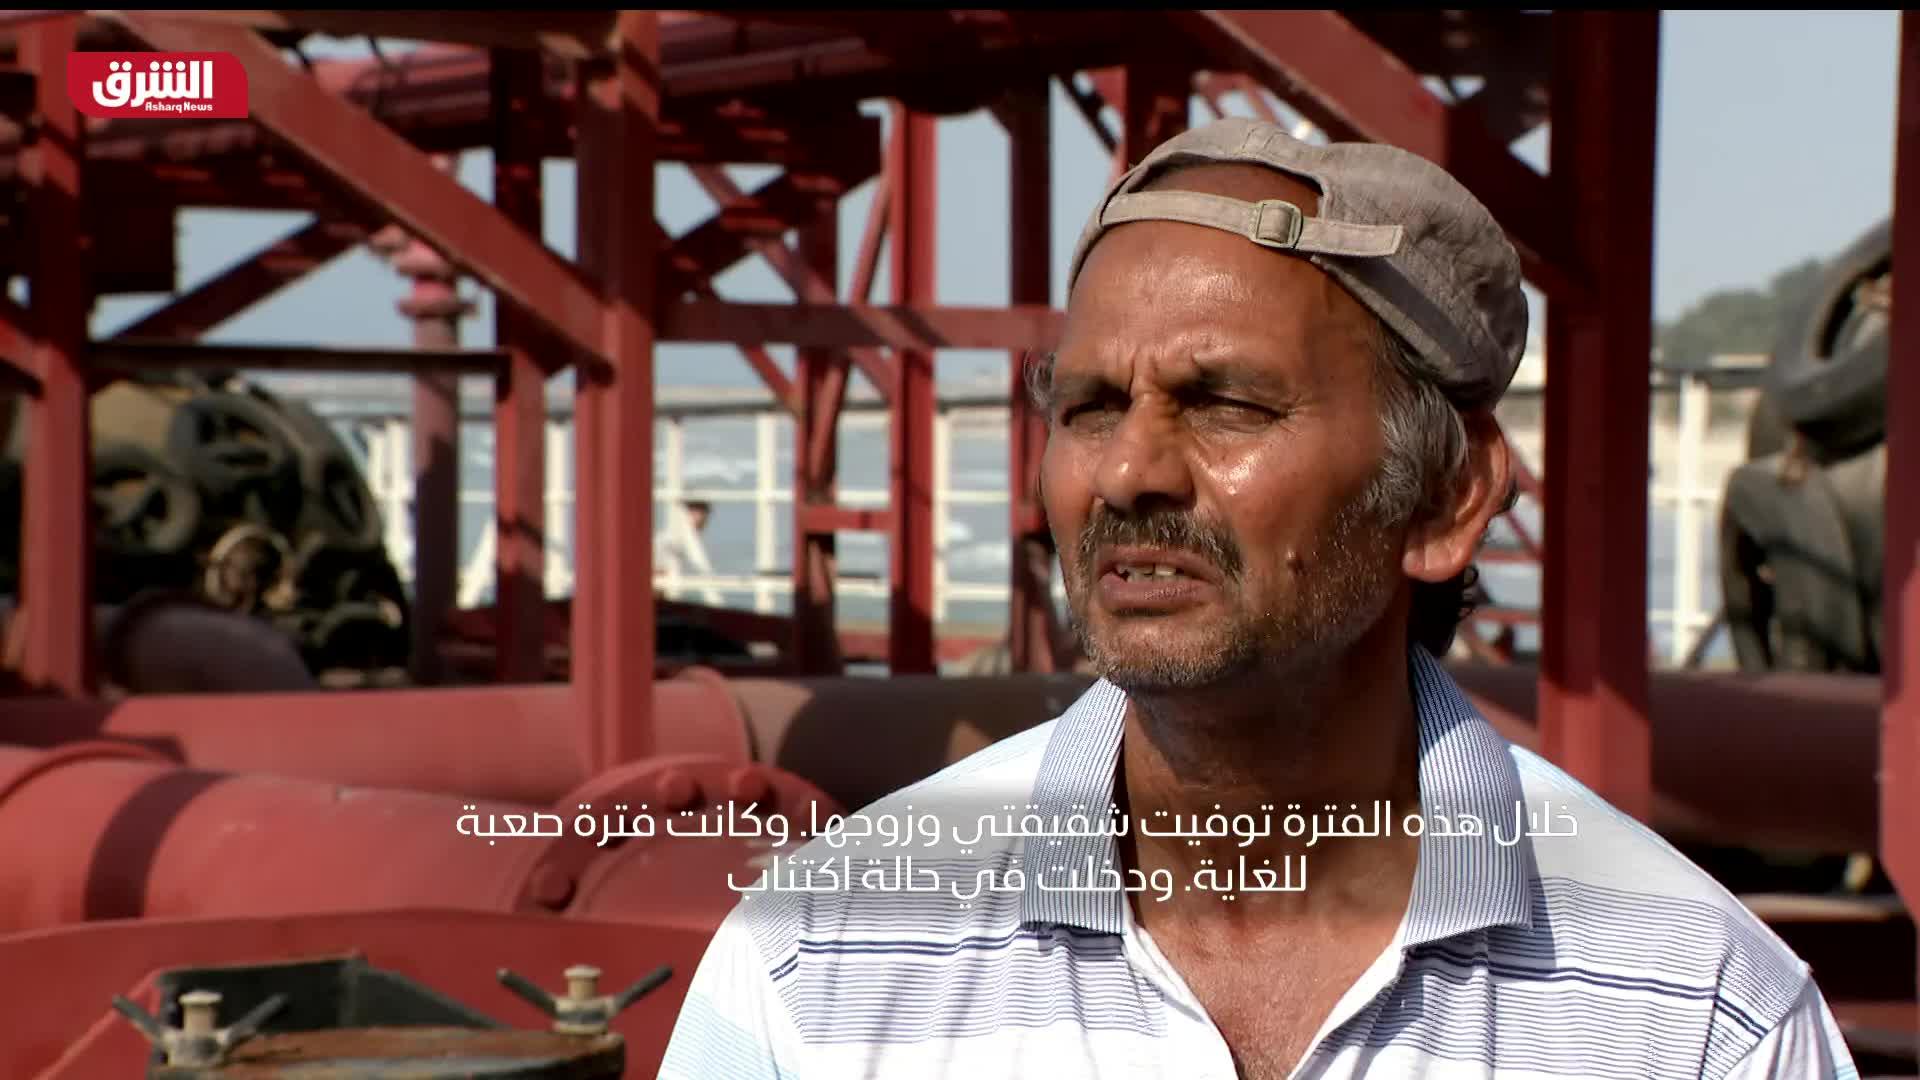 معاناة البحارة بعد قضاء 44 شهرا على متن السفينة